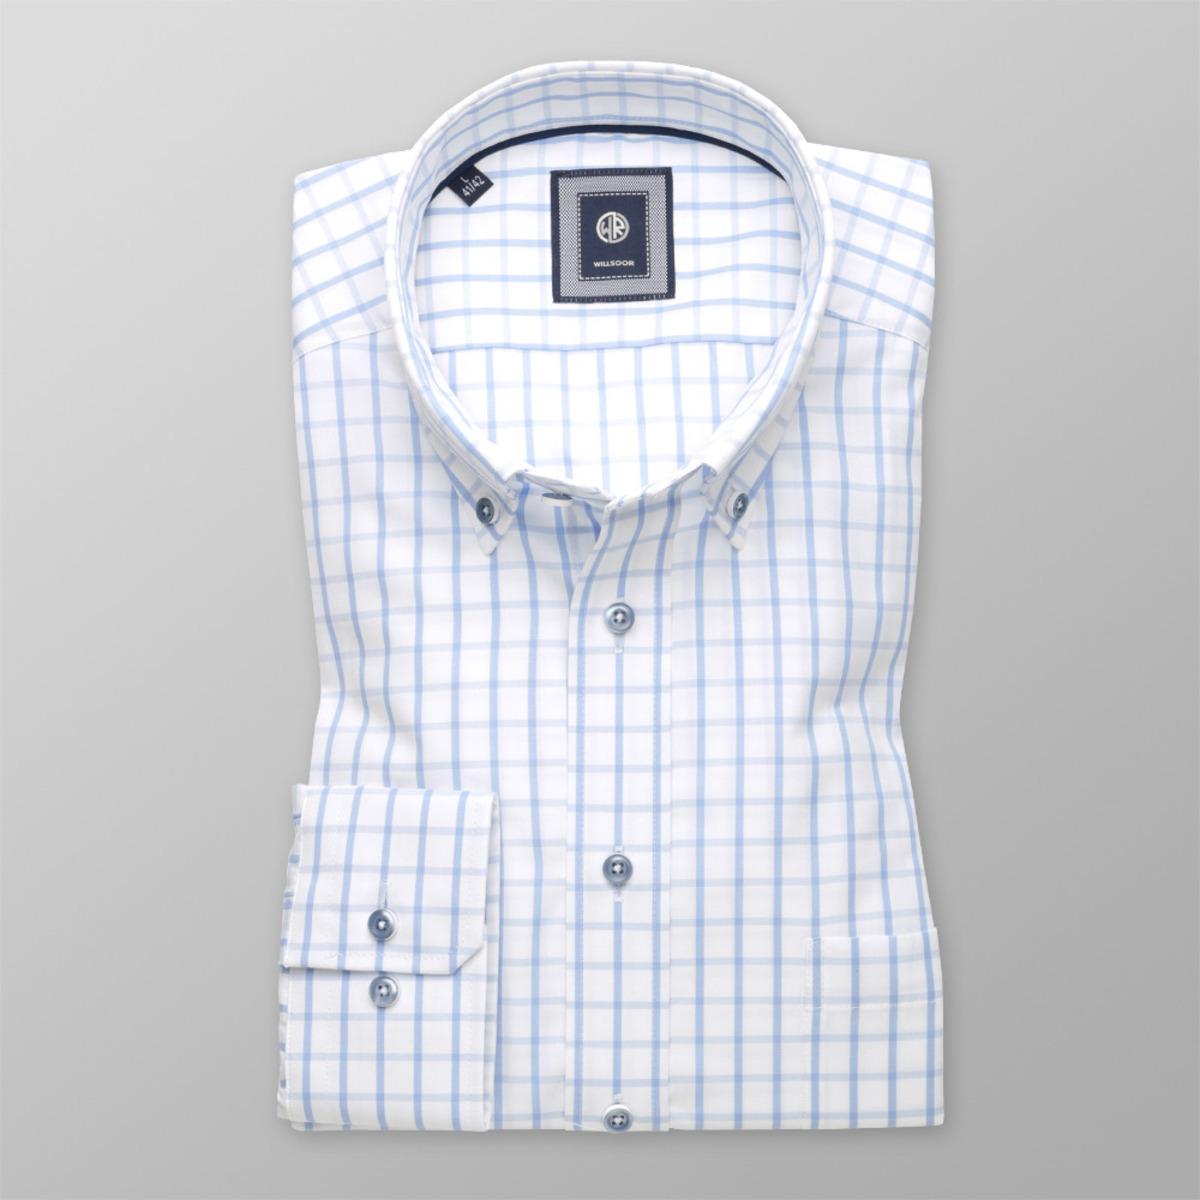 Pánská kostkovaná Slim Fit košile (výška 176-182) 9607 176-182   d70f4a0480